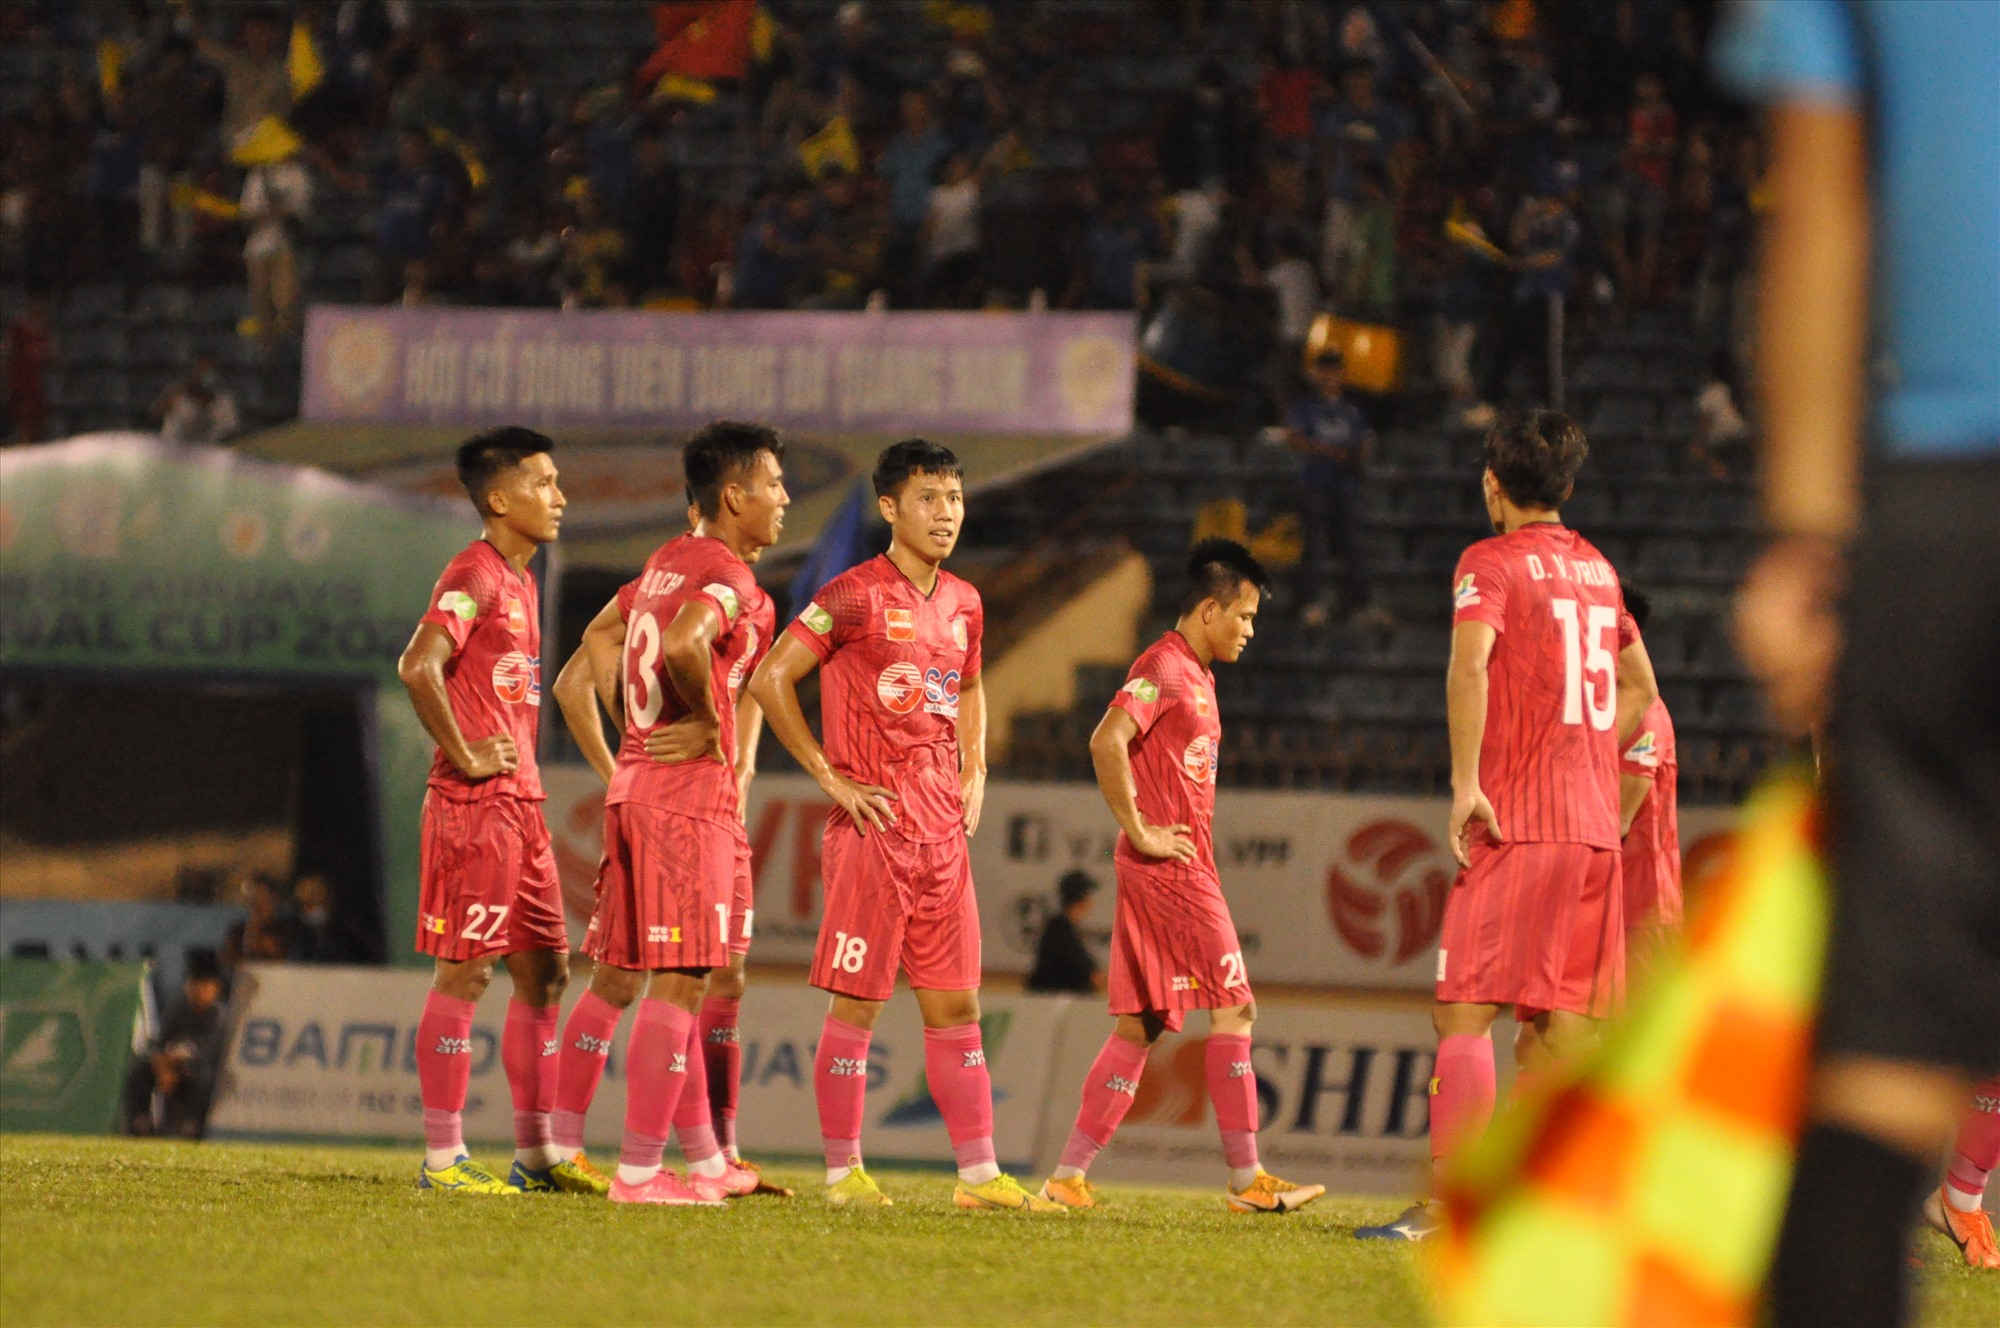 Nỗi thất vọng của các cầu thủ Sài Gòn. Ảnh: T.V